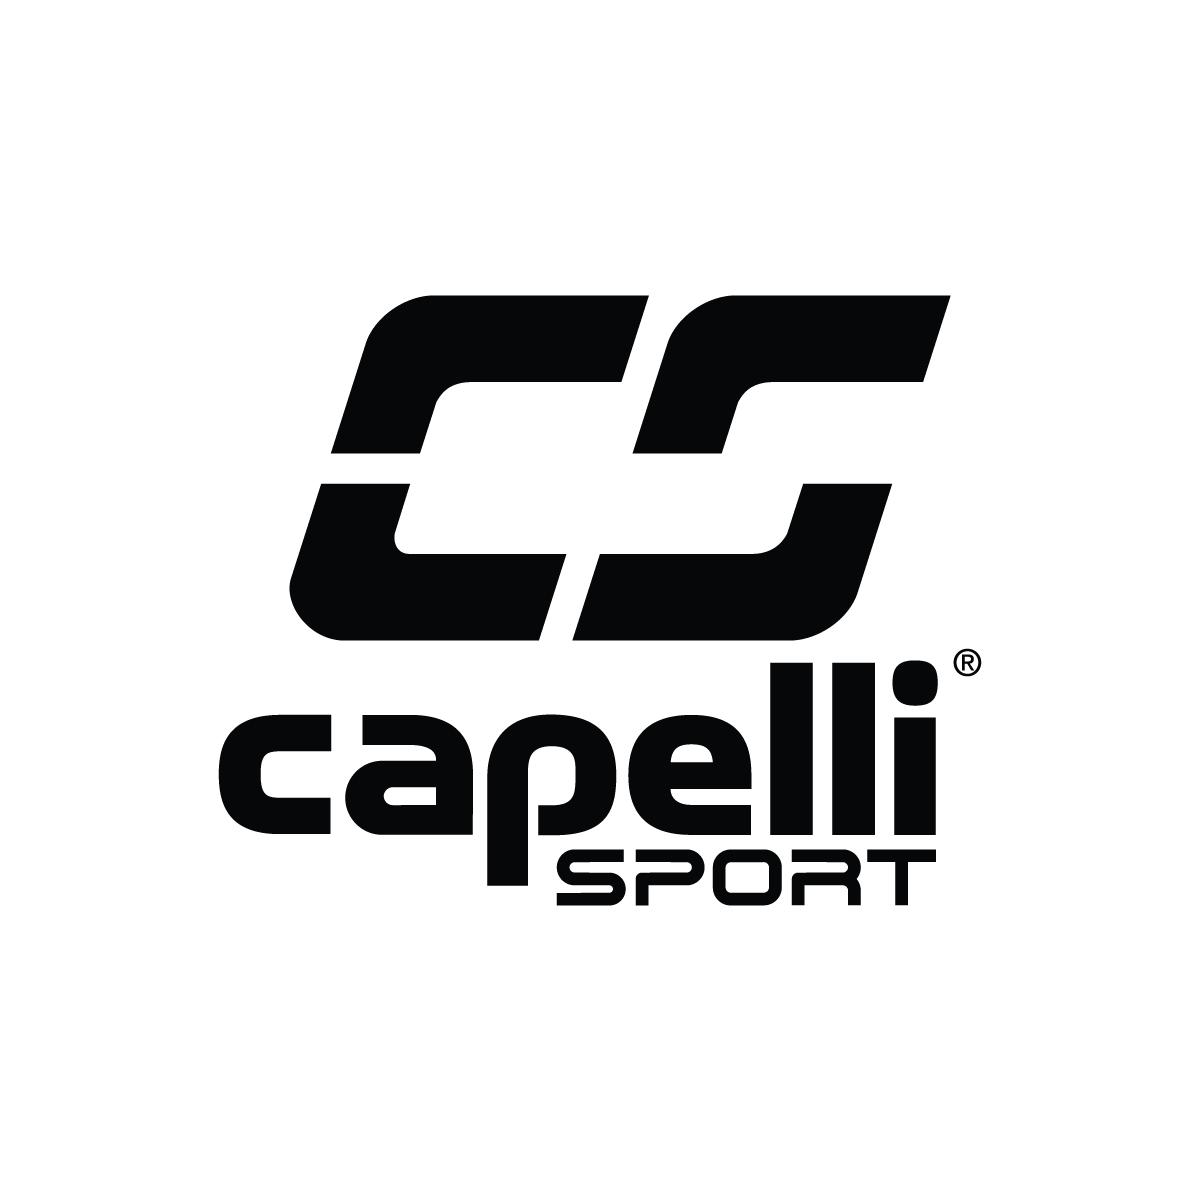 Capelli Sport